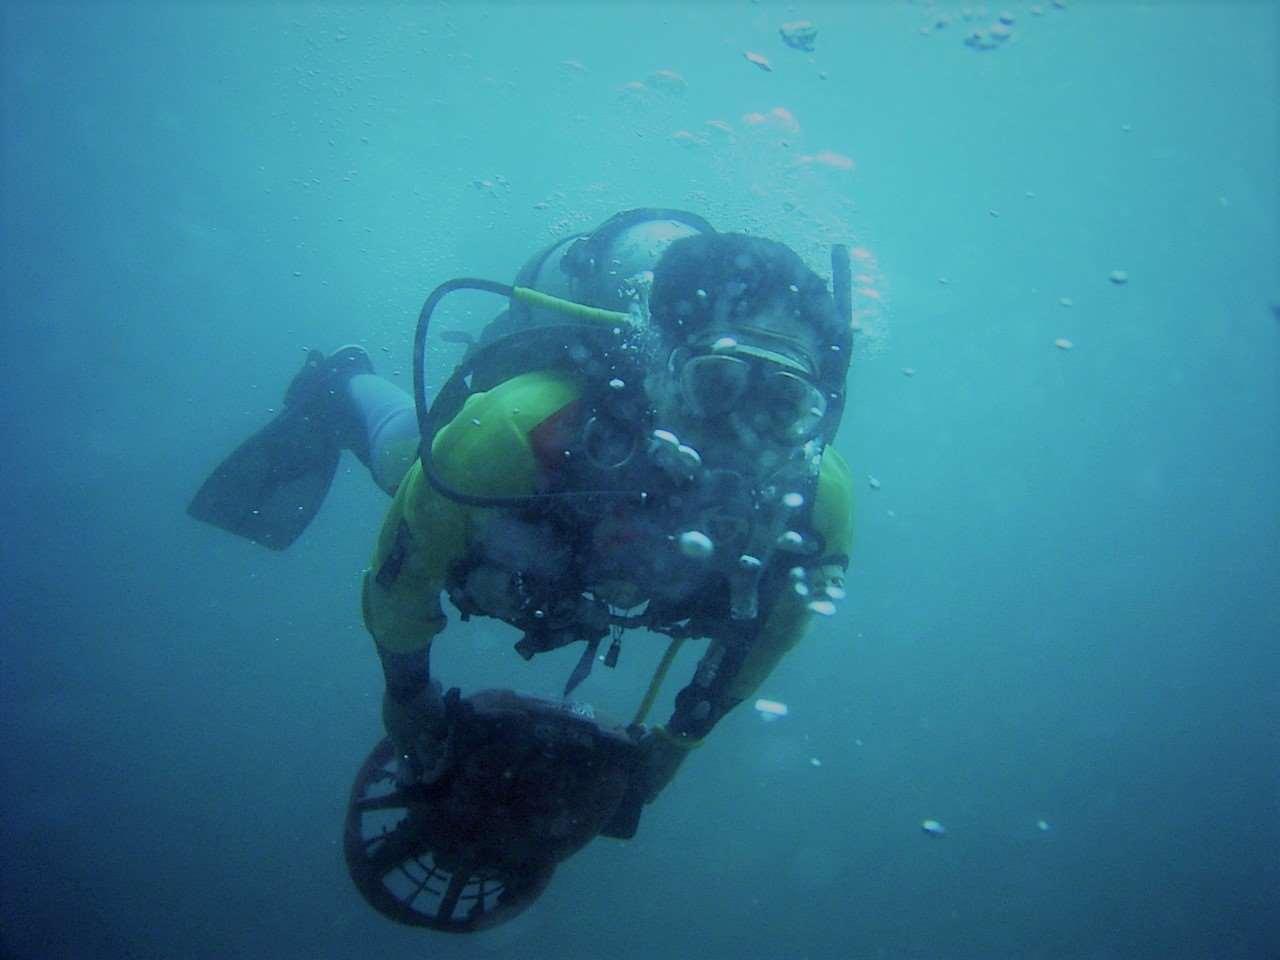 水中スクーターSP画像 ・AOWマニュアルまたはSPマニュアル内の選択テーマのナレッジ・リビュ.